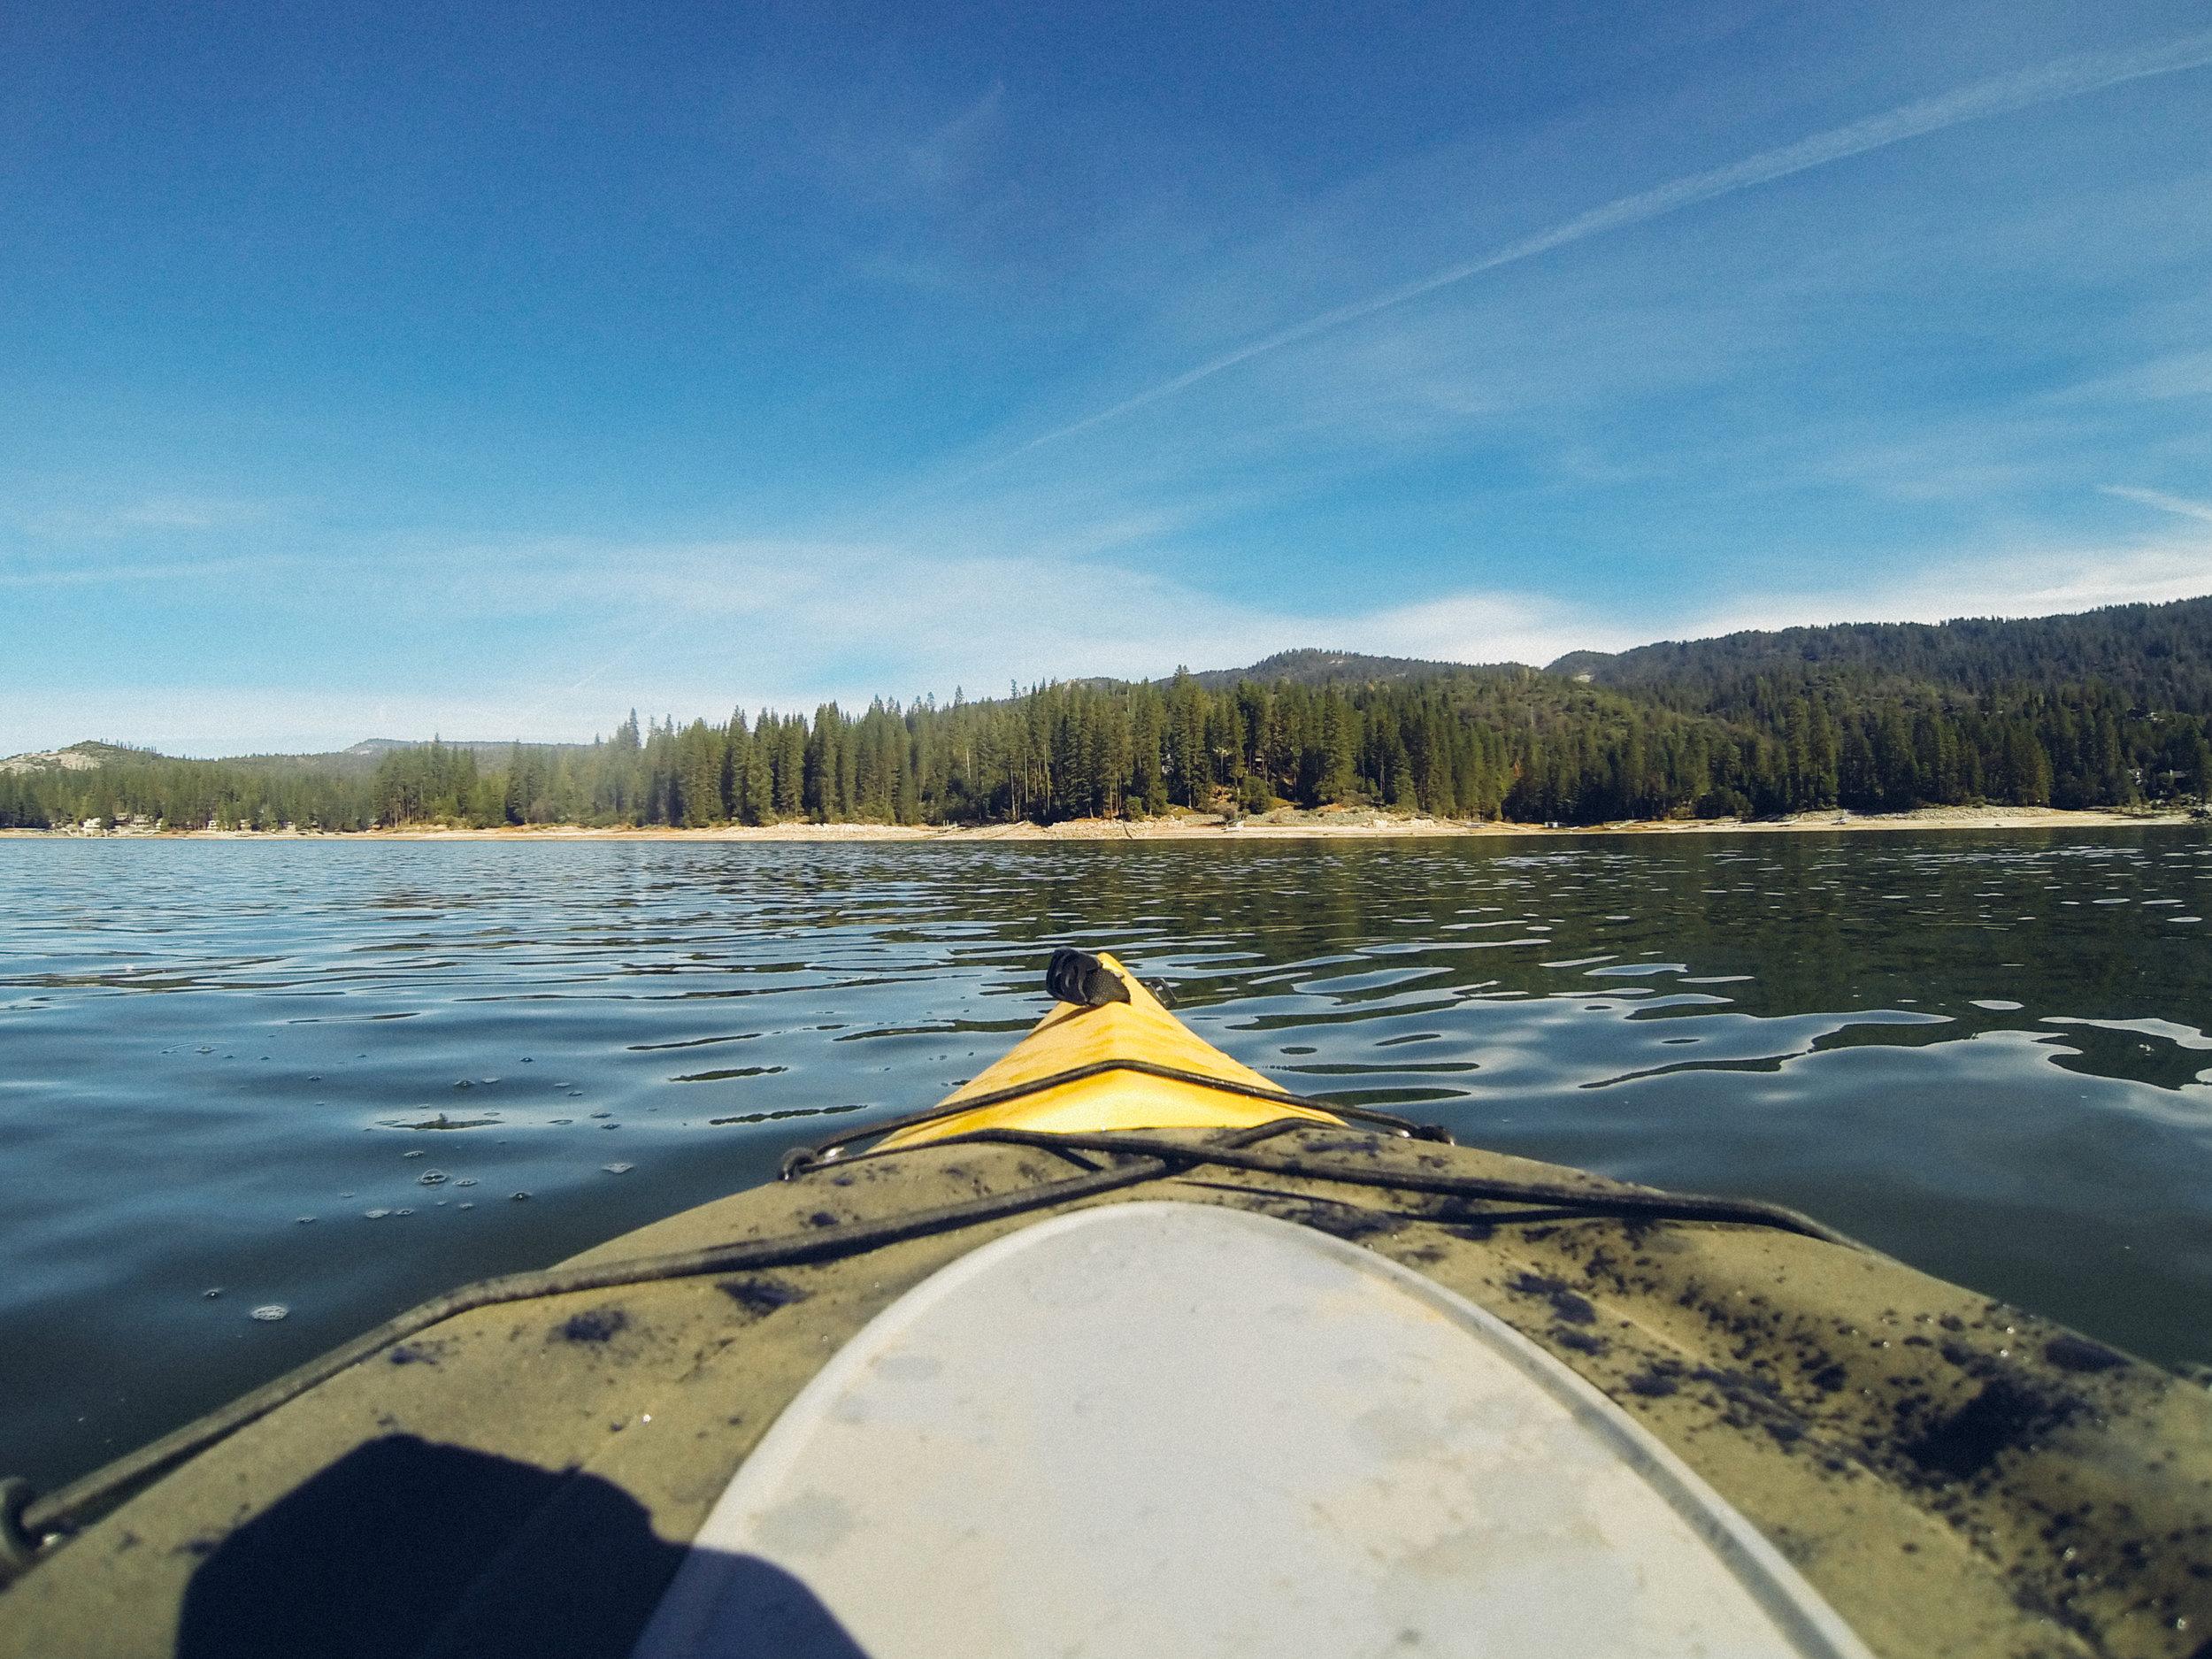 Kayaking at Bass Lake